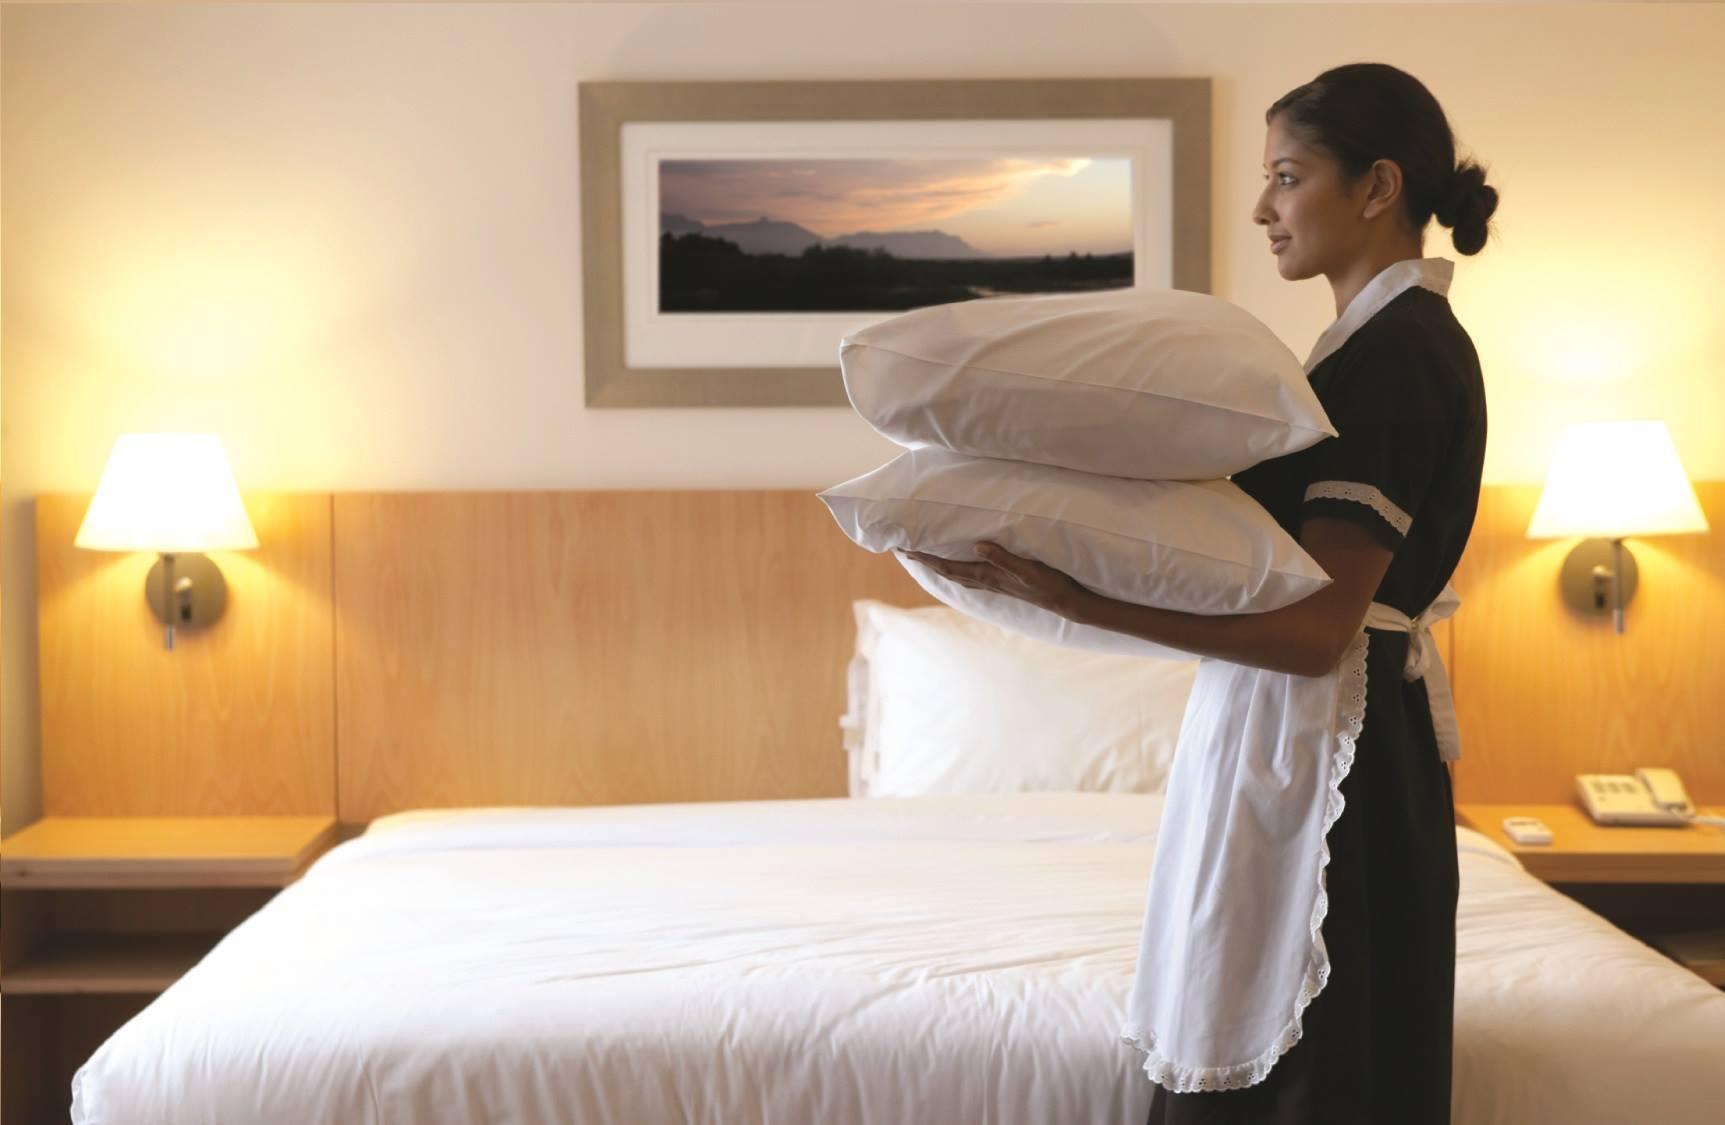 Hizmetler sektöründe katma değer yüzde 4,5 artış gösterdi